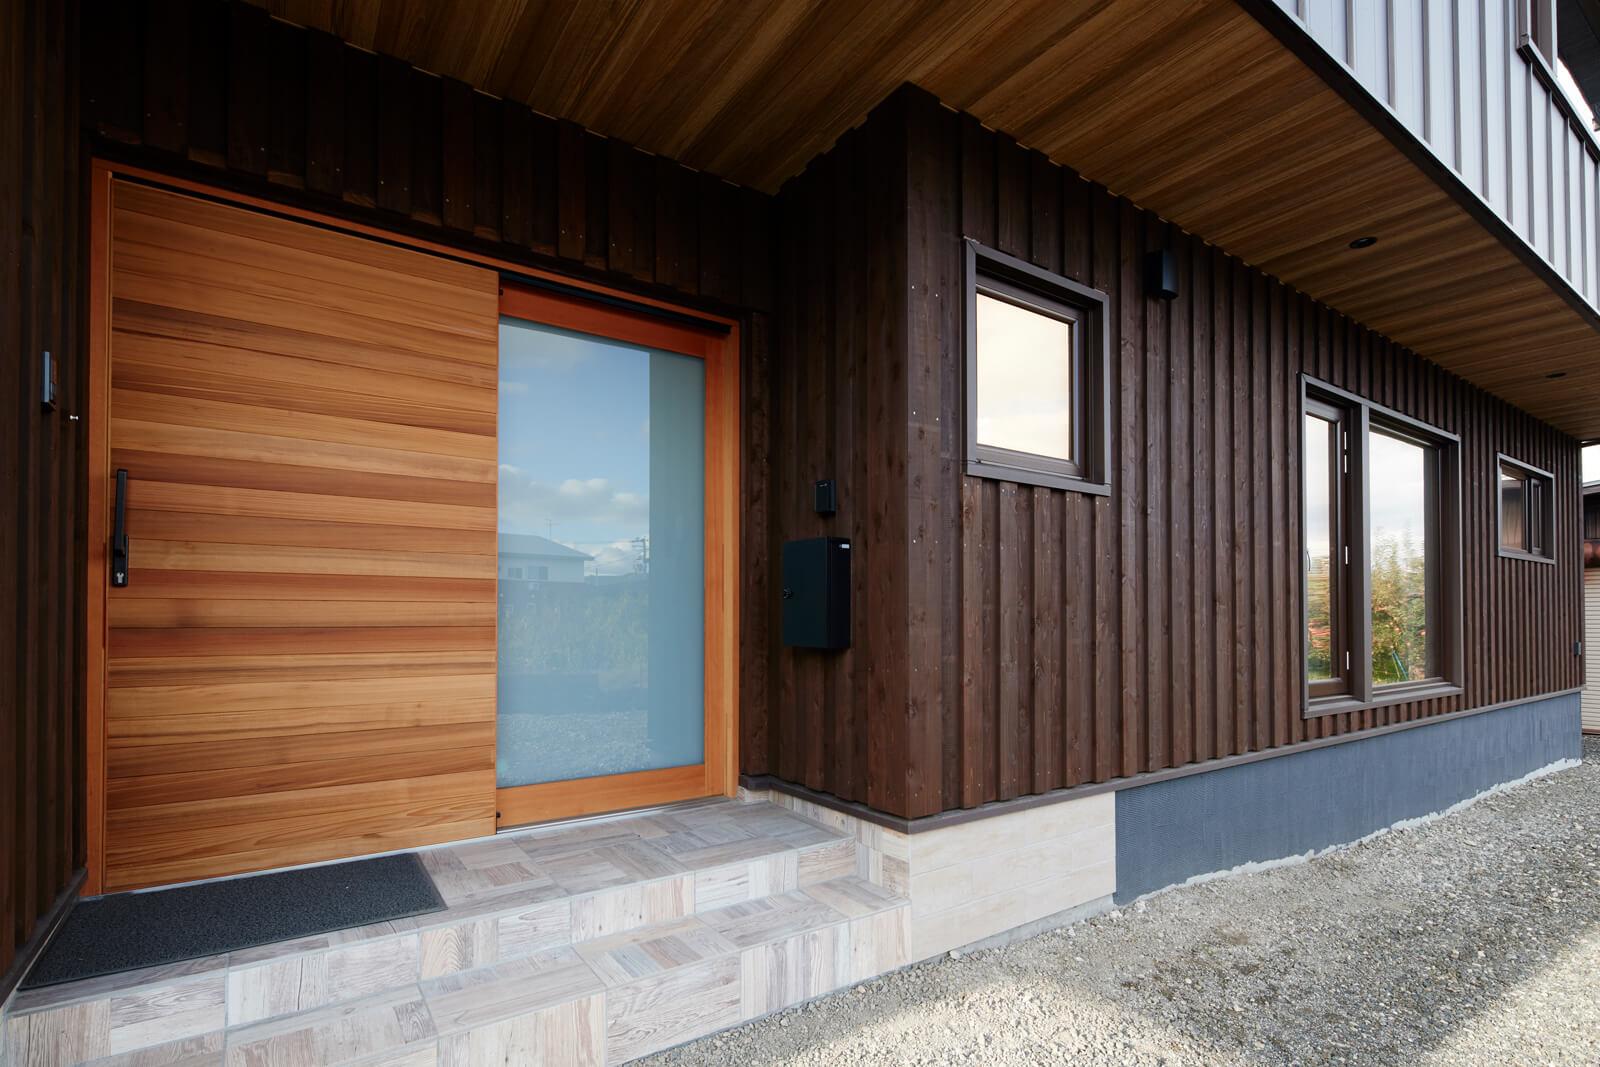 重厚感と木の優しさを兼ね備えた存在感のある玄関の大きな木製引き戸はHさんのお気に入り